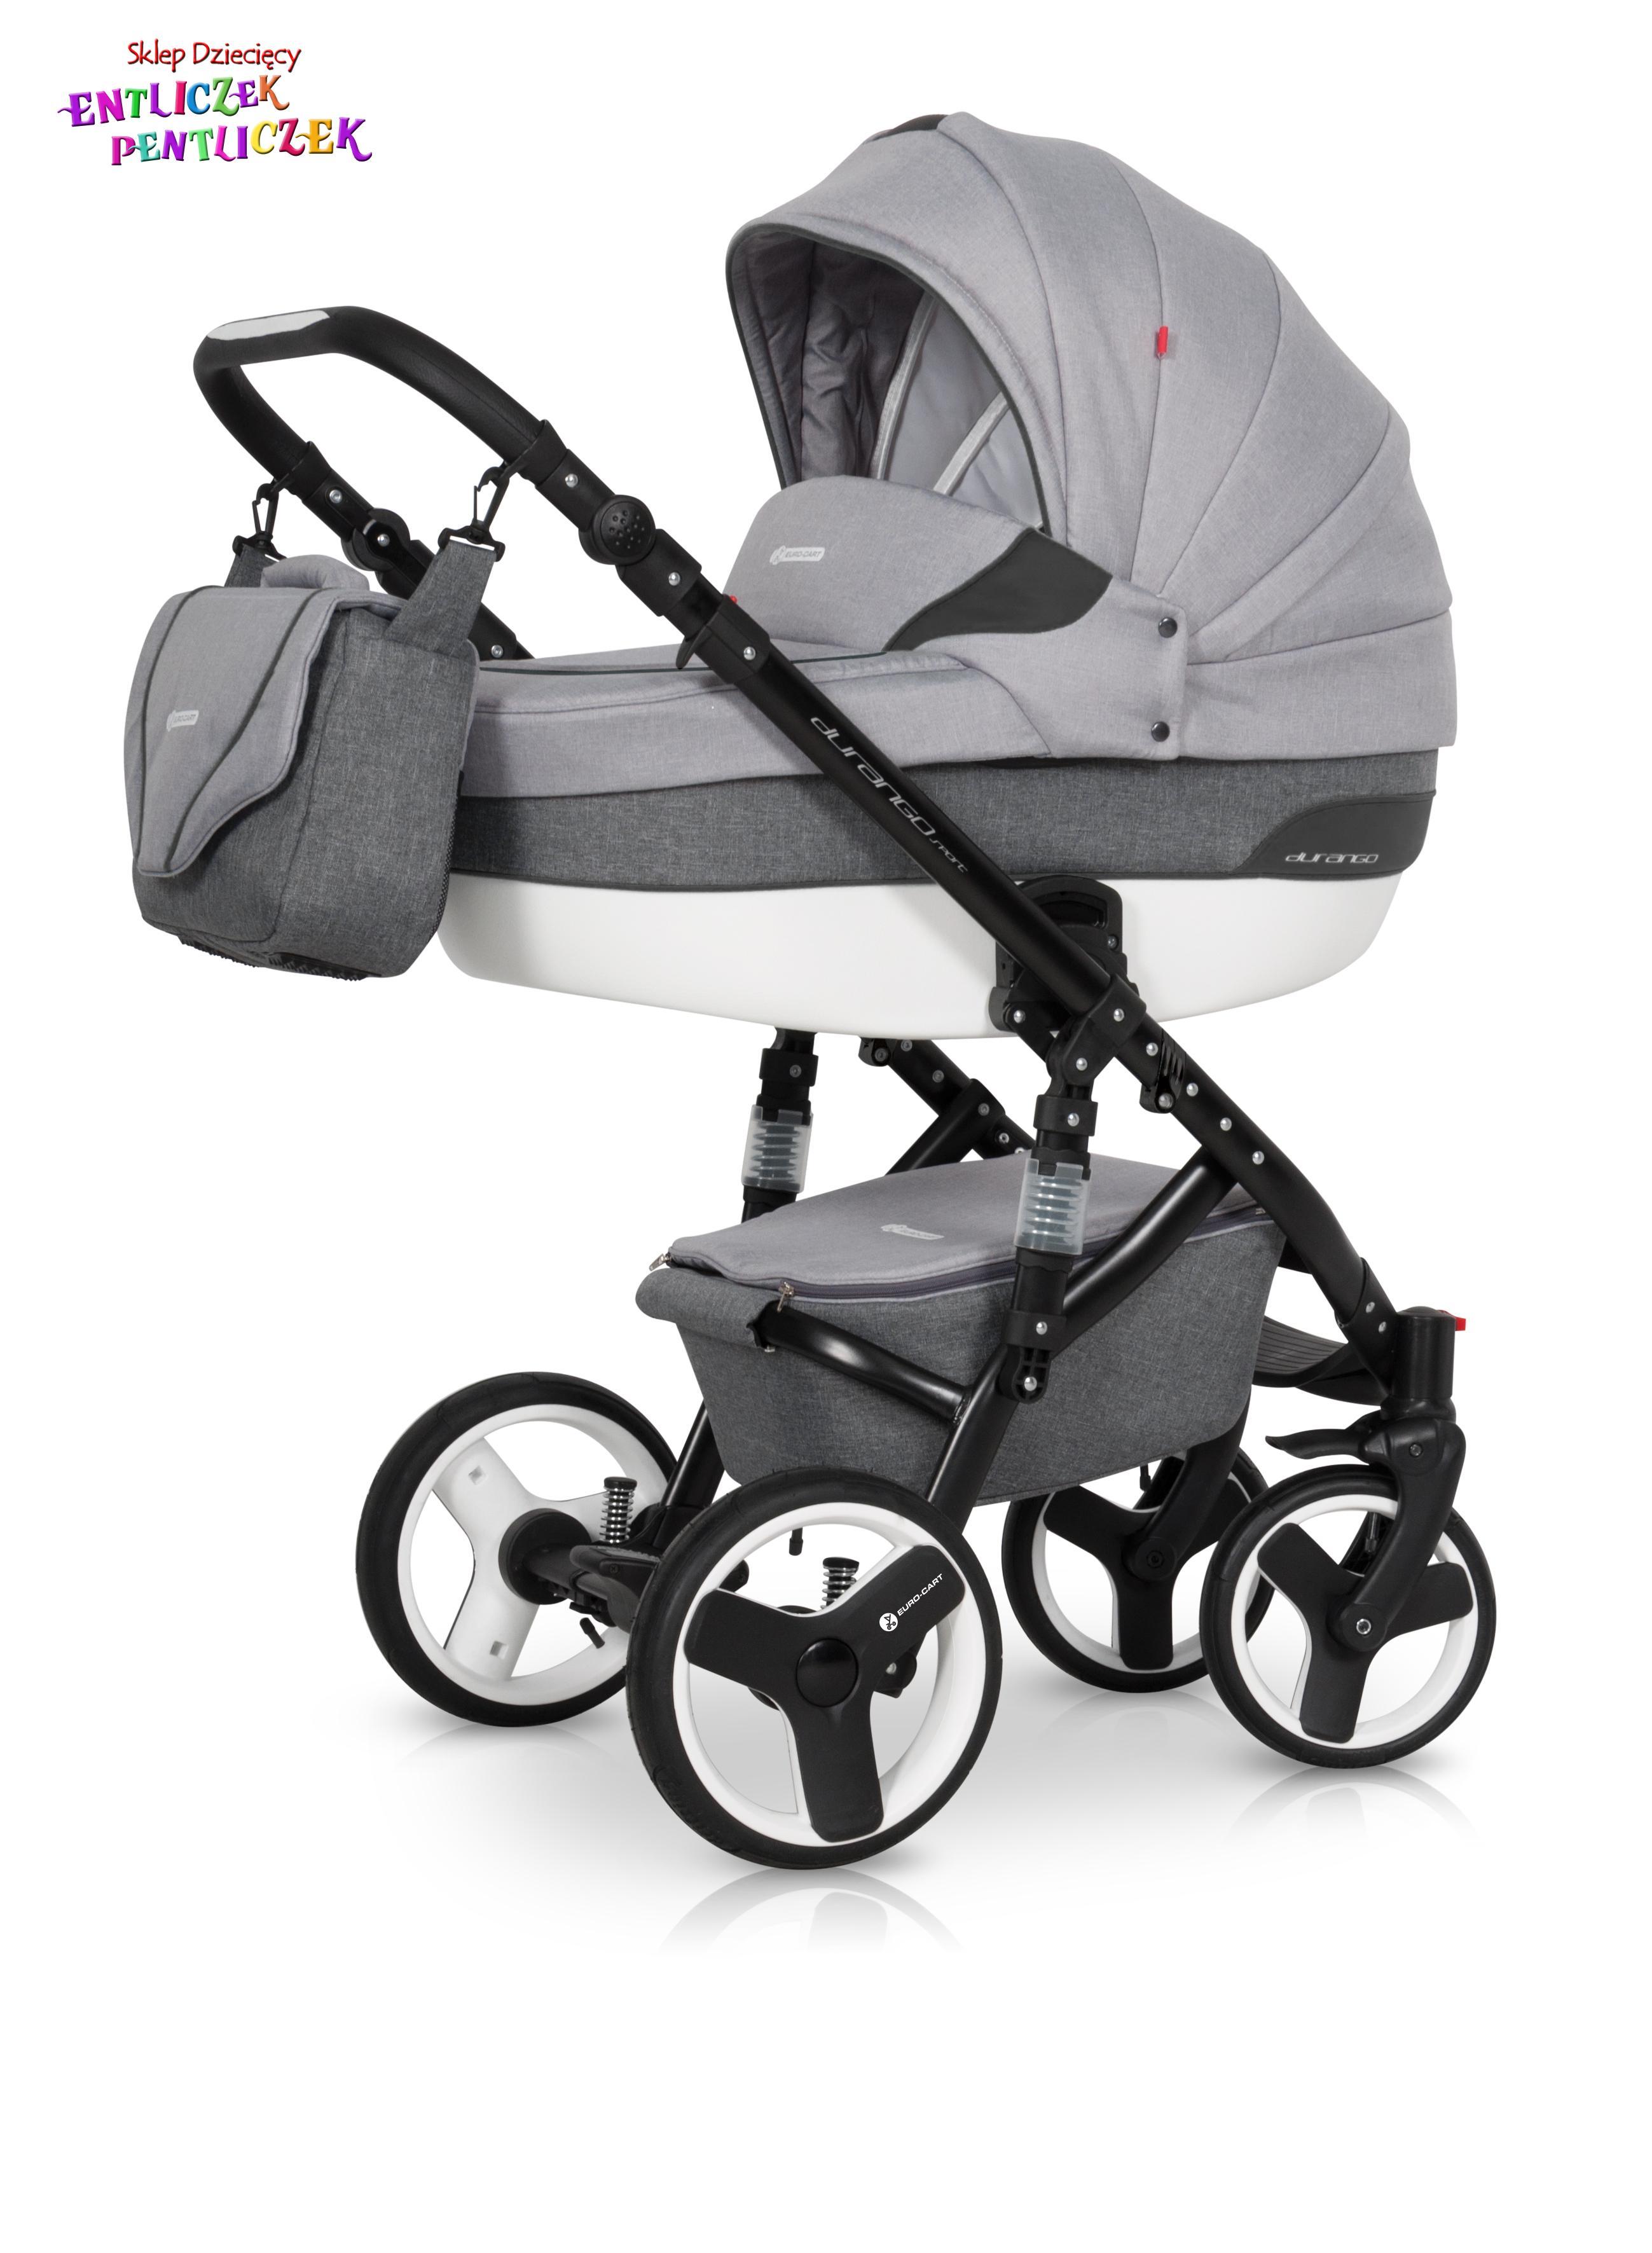 d3c8eb79a82bb7 Wózek Euro-Cart DURANGO SPORT 3w1 (z fotelem) - Wózki wielofunkcyjne ...